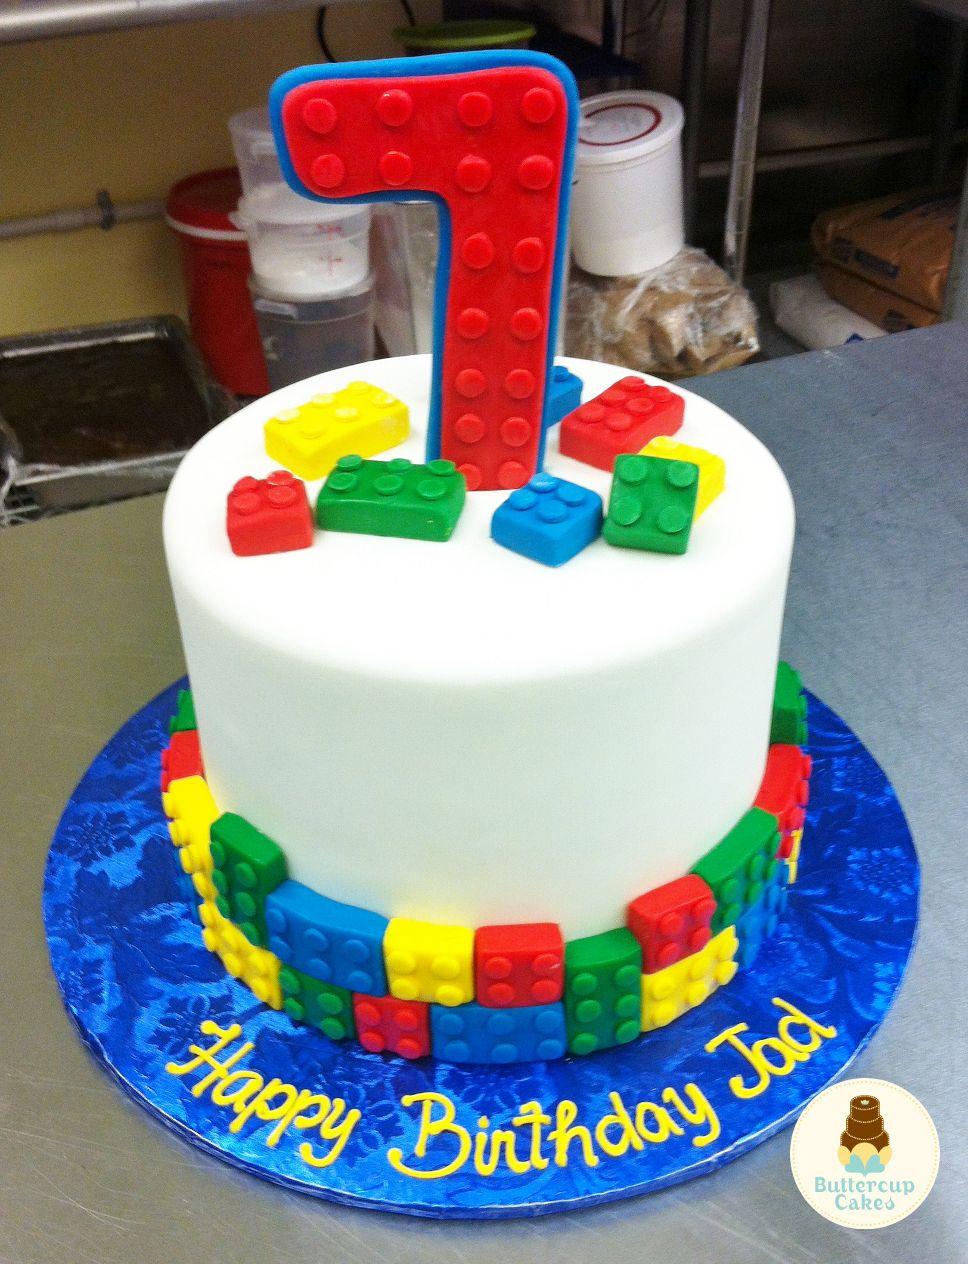 Birthday Cake Ideas Lego : Lego Themed Birthday Cake Birthday Cakes Pinterest ...